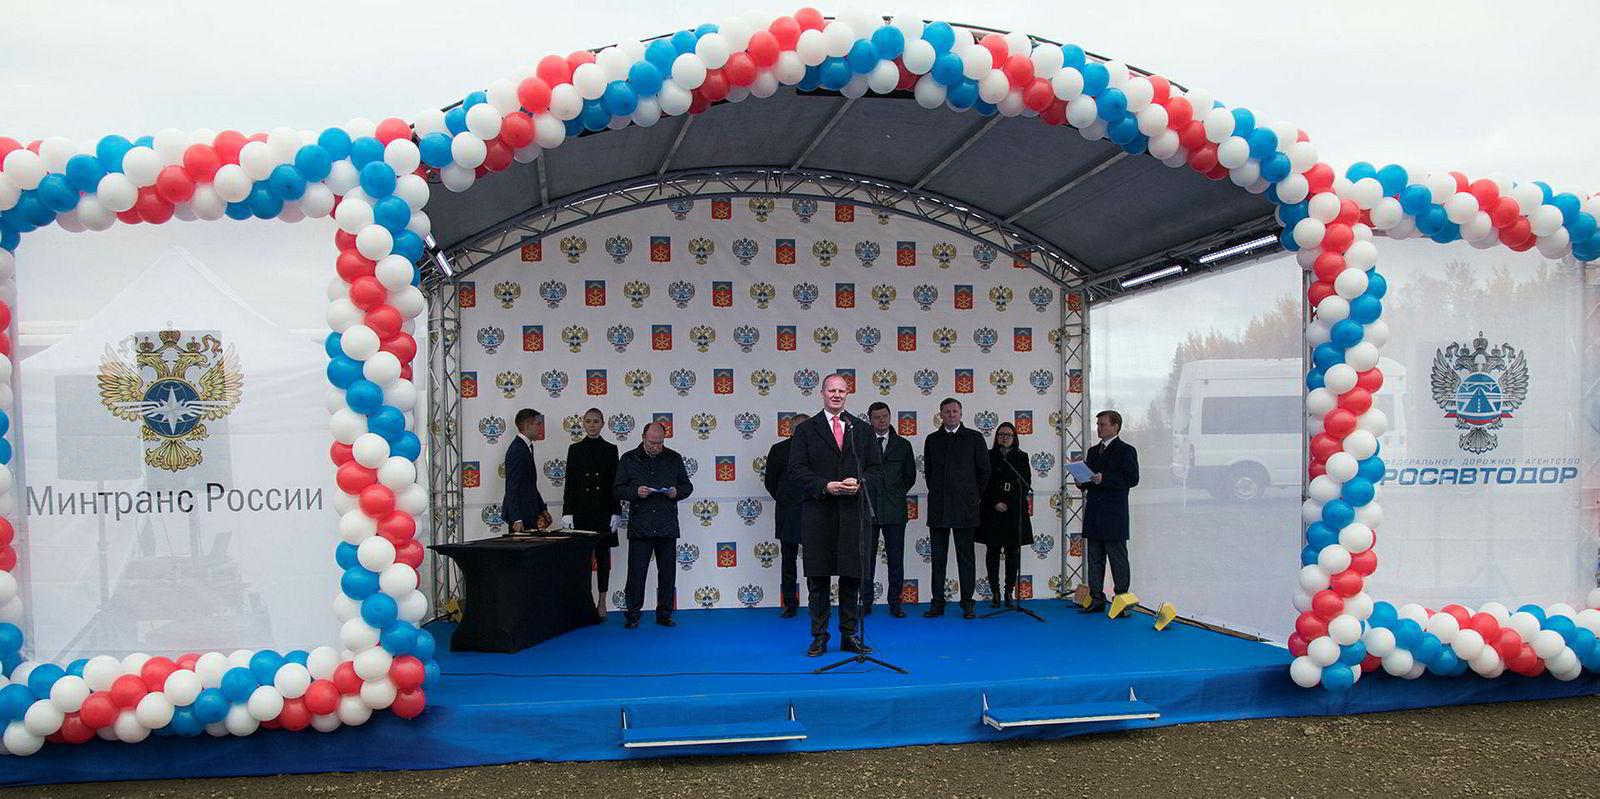 Samferdselsminister Ketil Solvik-Olsen åpnet en oppgradert E105 mellom Kirkenes og Murmansk i september i fjor.